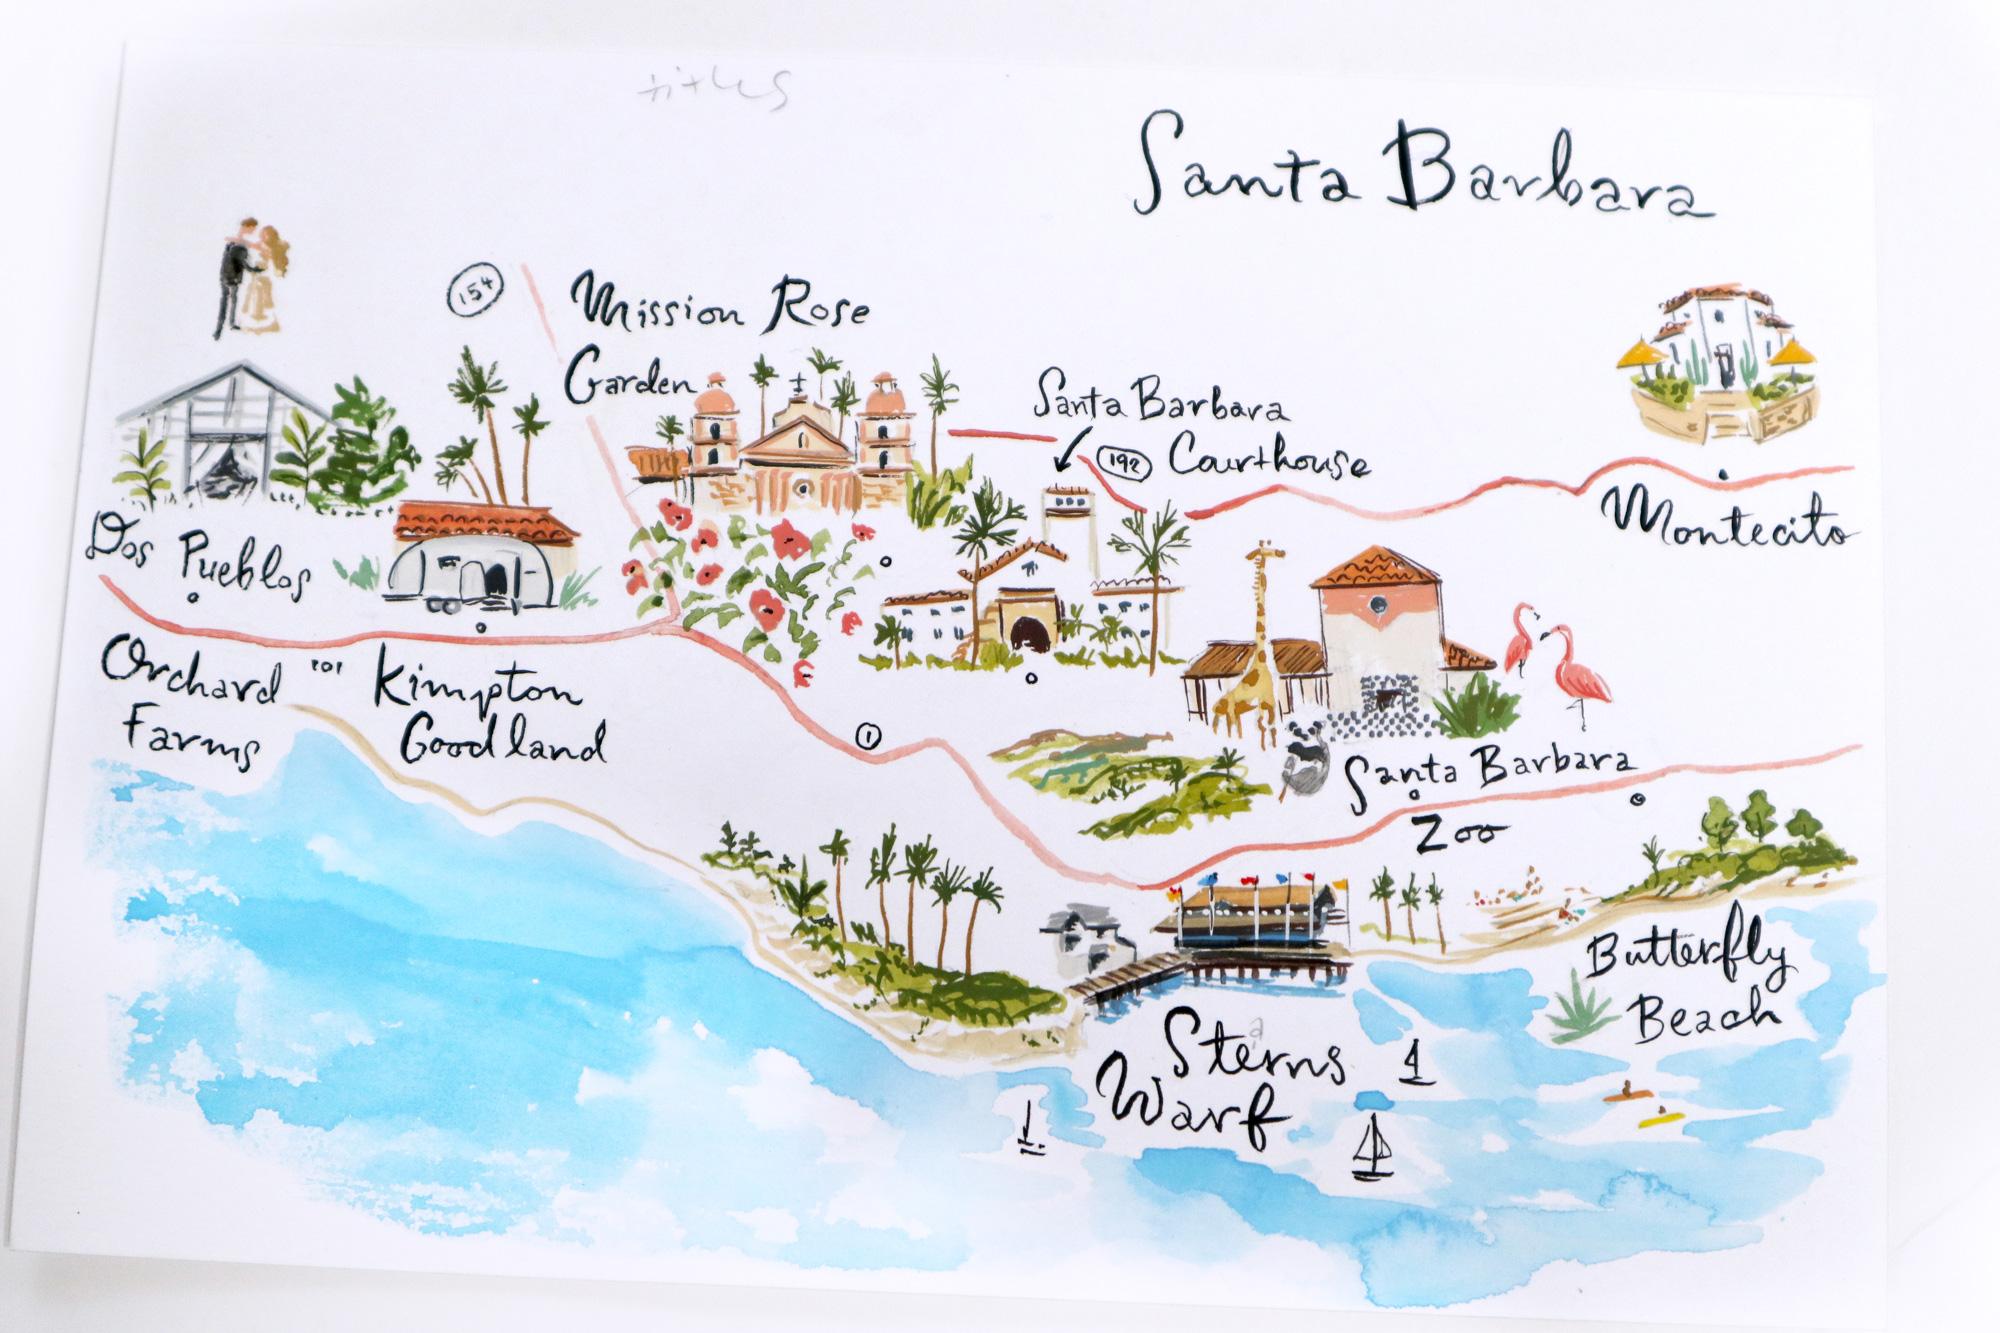 Santa Barbara illustrated map by jolly edition